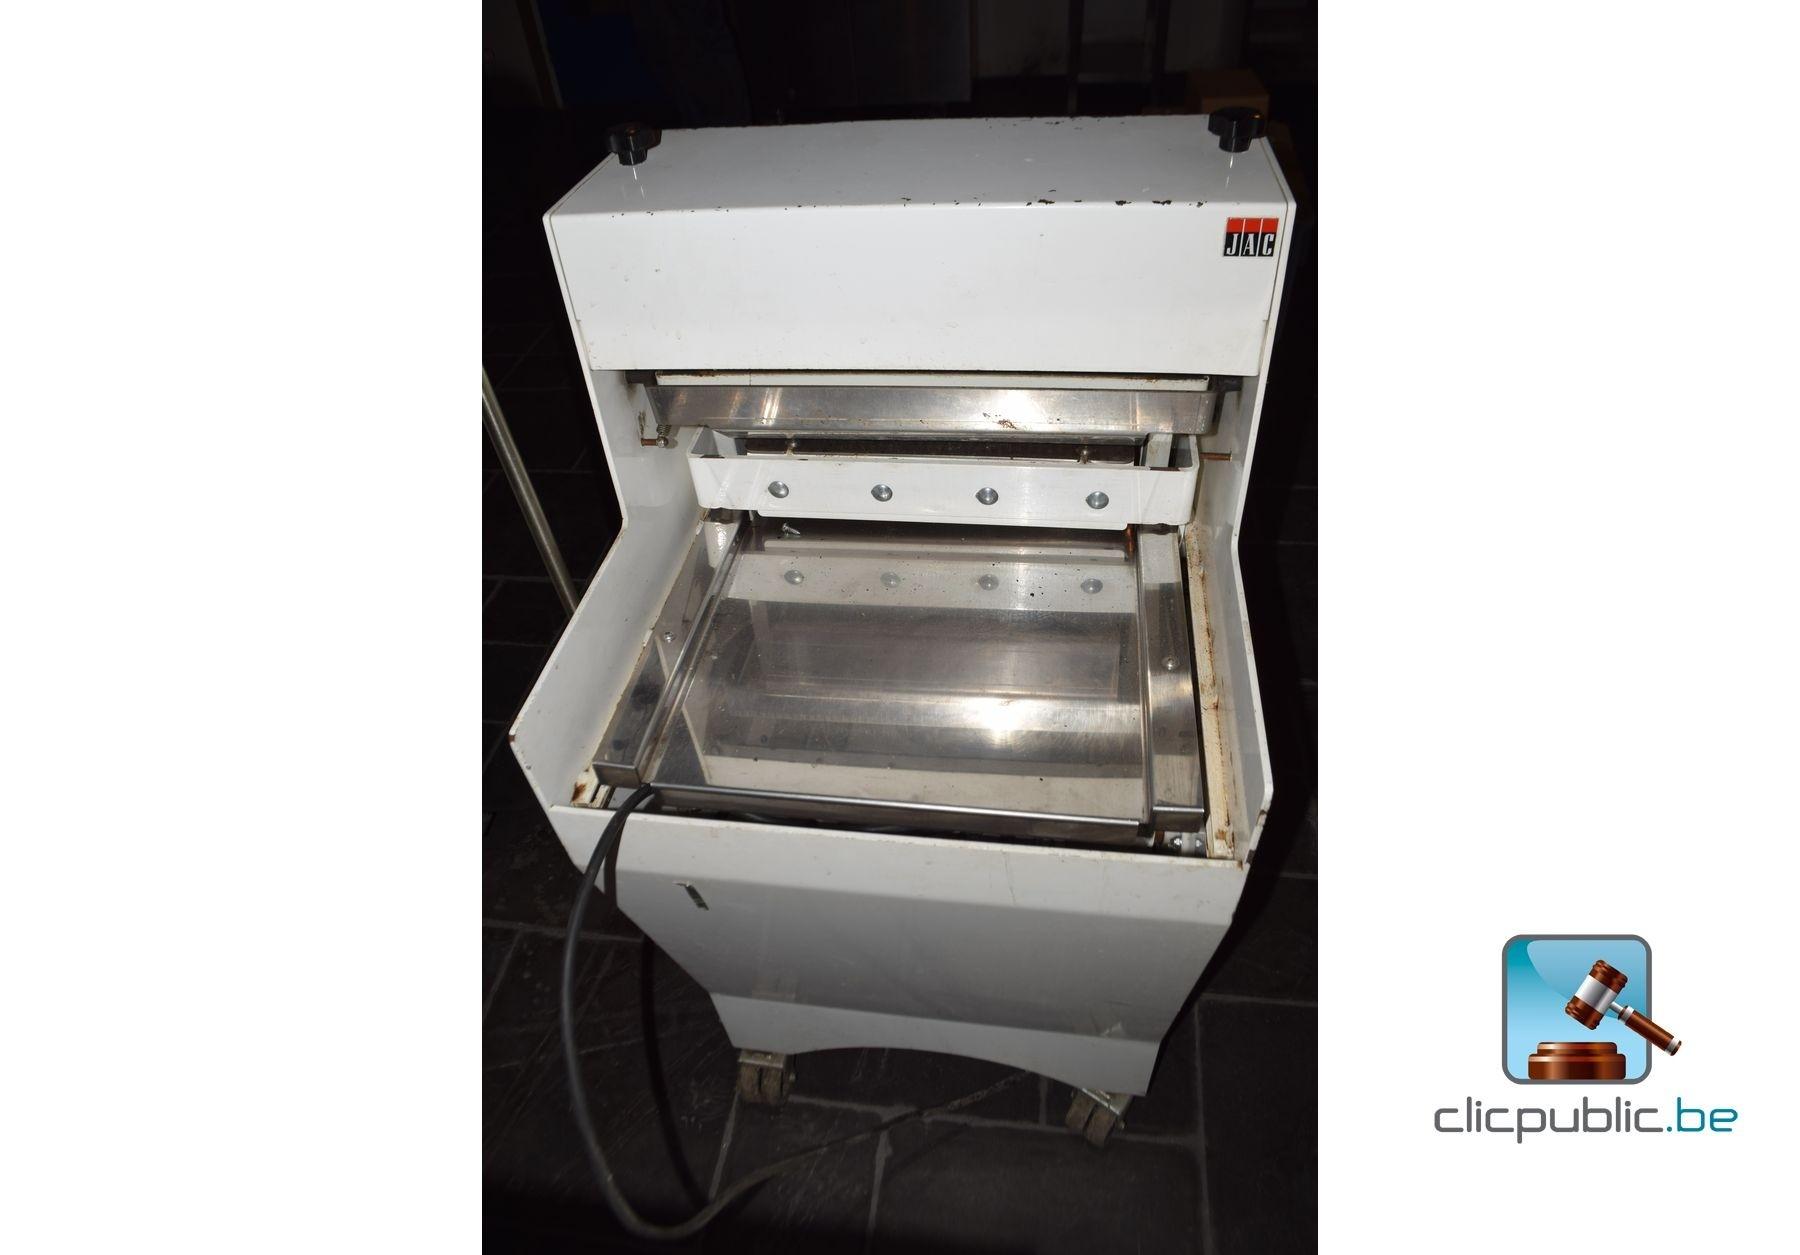 Machine couper le pain mac pain ref 57 vendre sur - Machine a couper le pain occasion ...